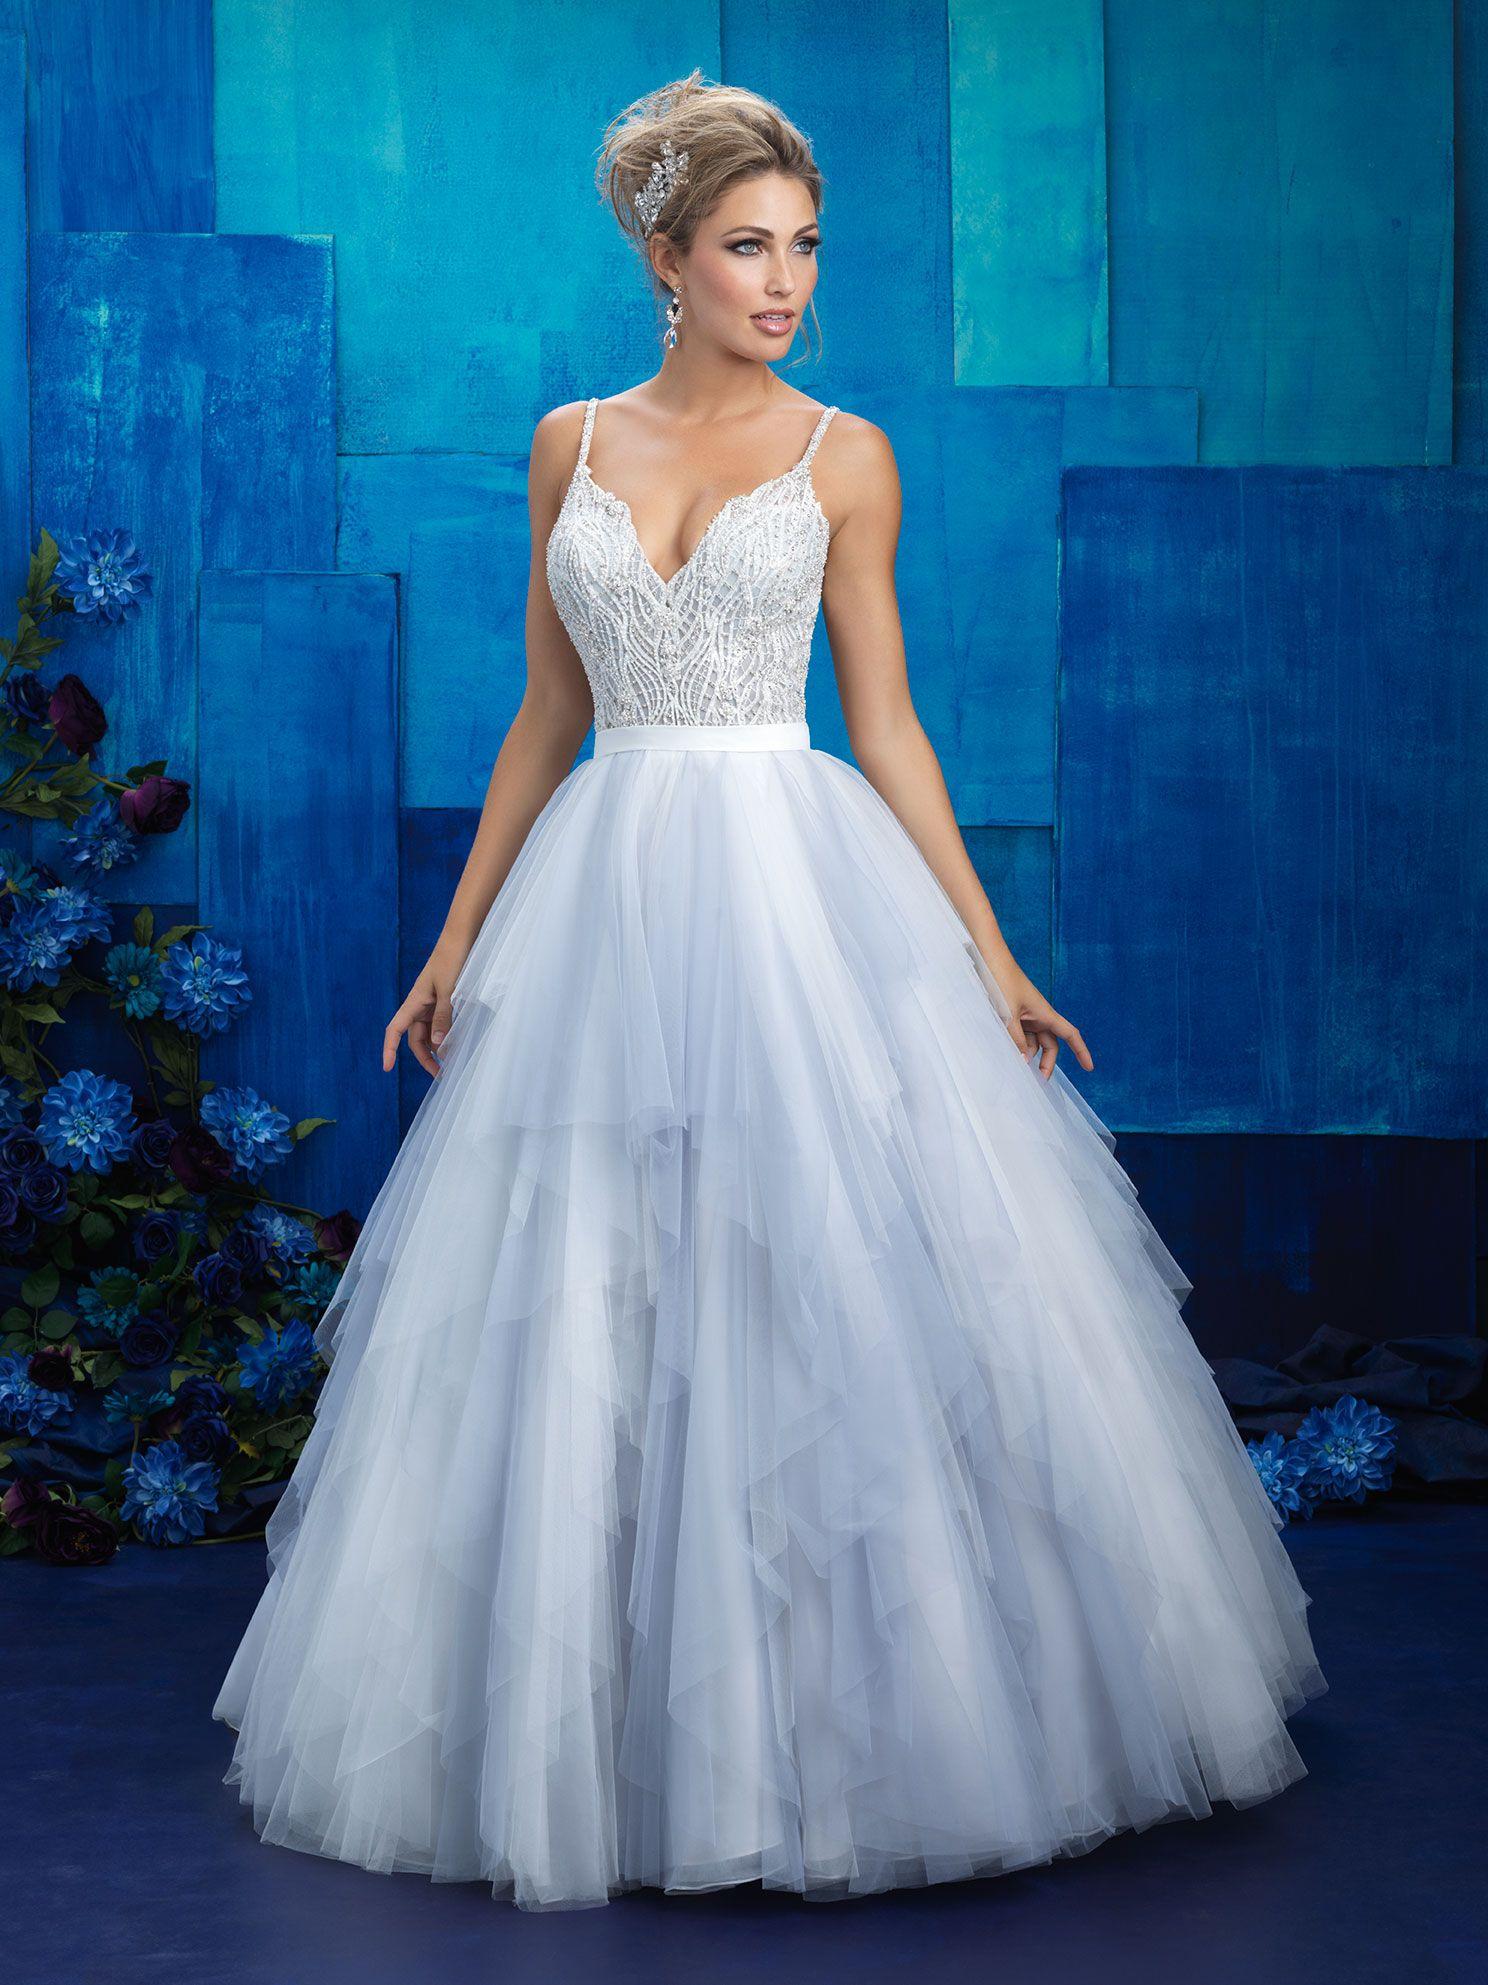 Allure 9425 Bridal Dresses Blue Wedding Dresses Allure Bridal